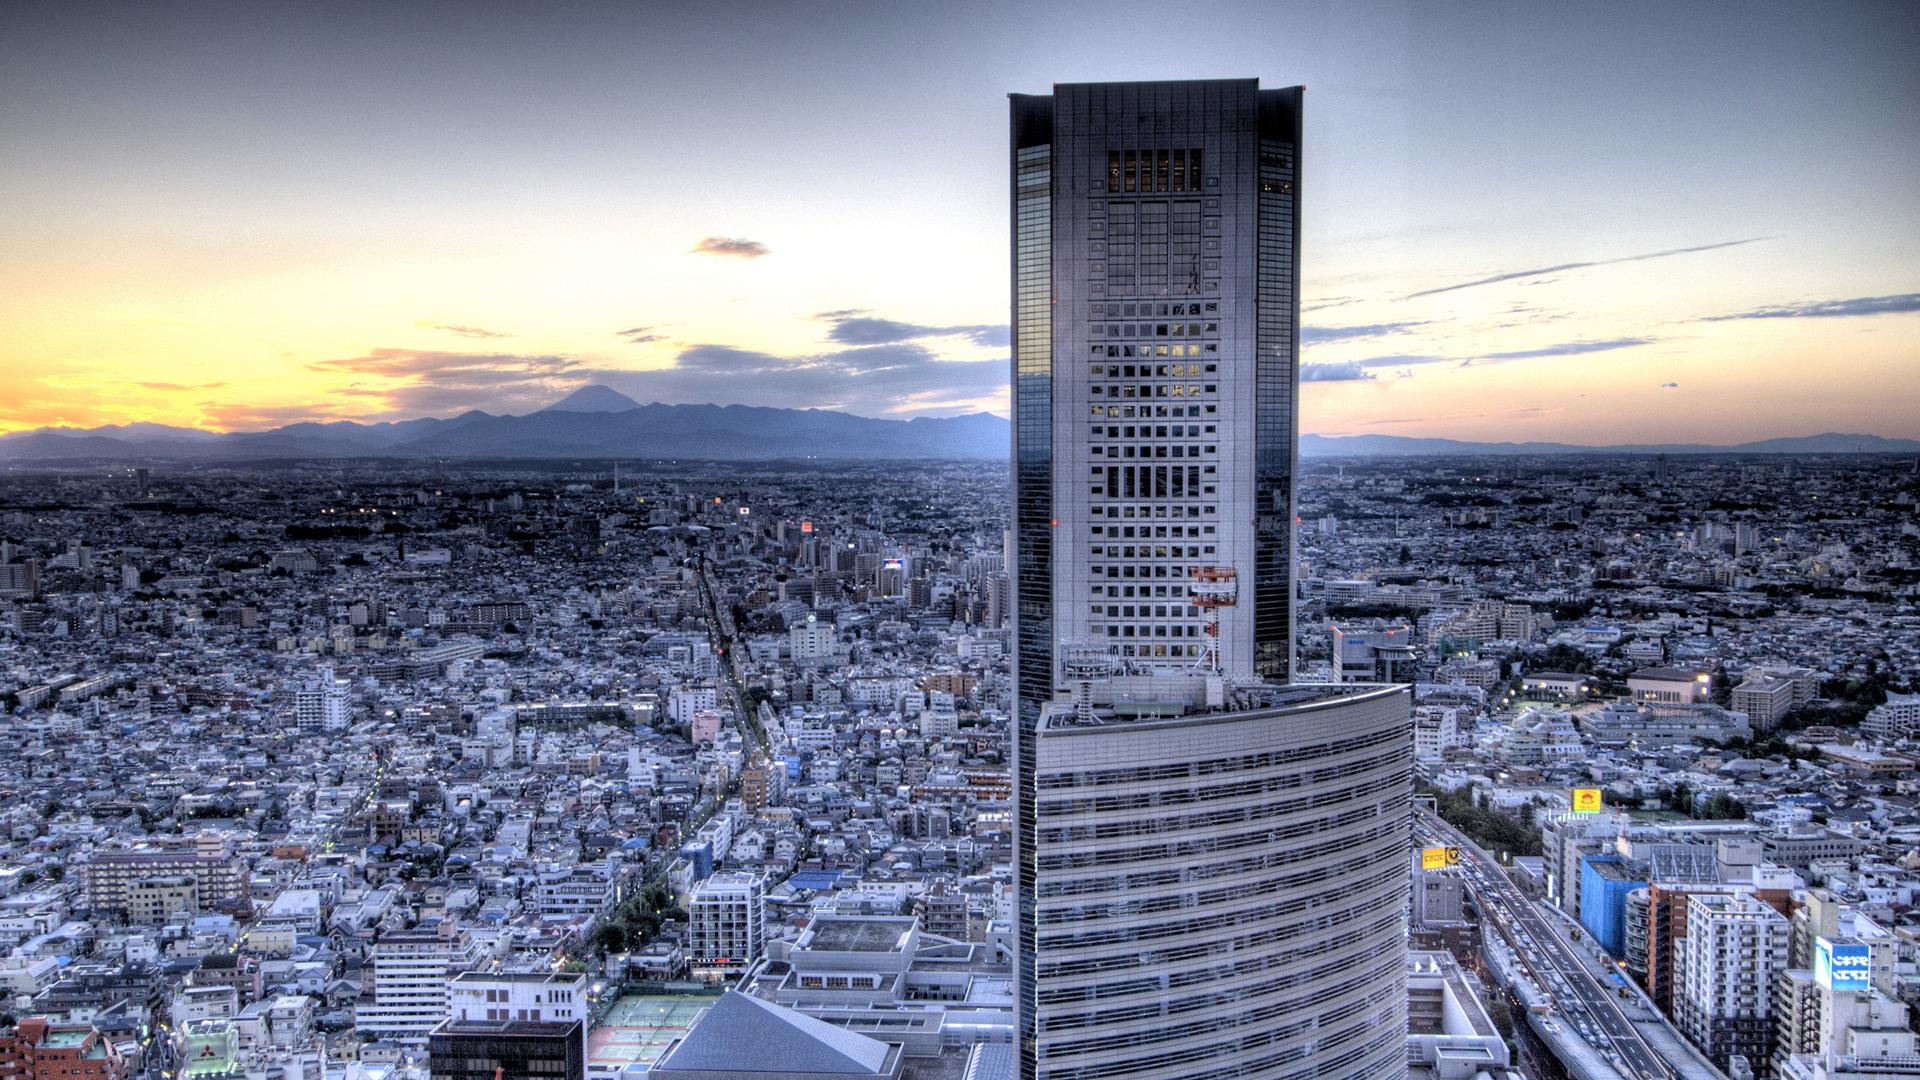 唯美城市建筑风景宽屏桌面壁纸